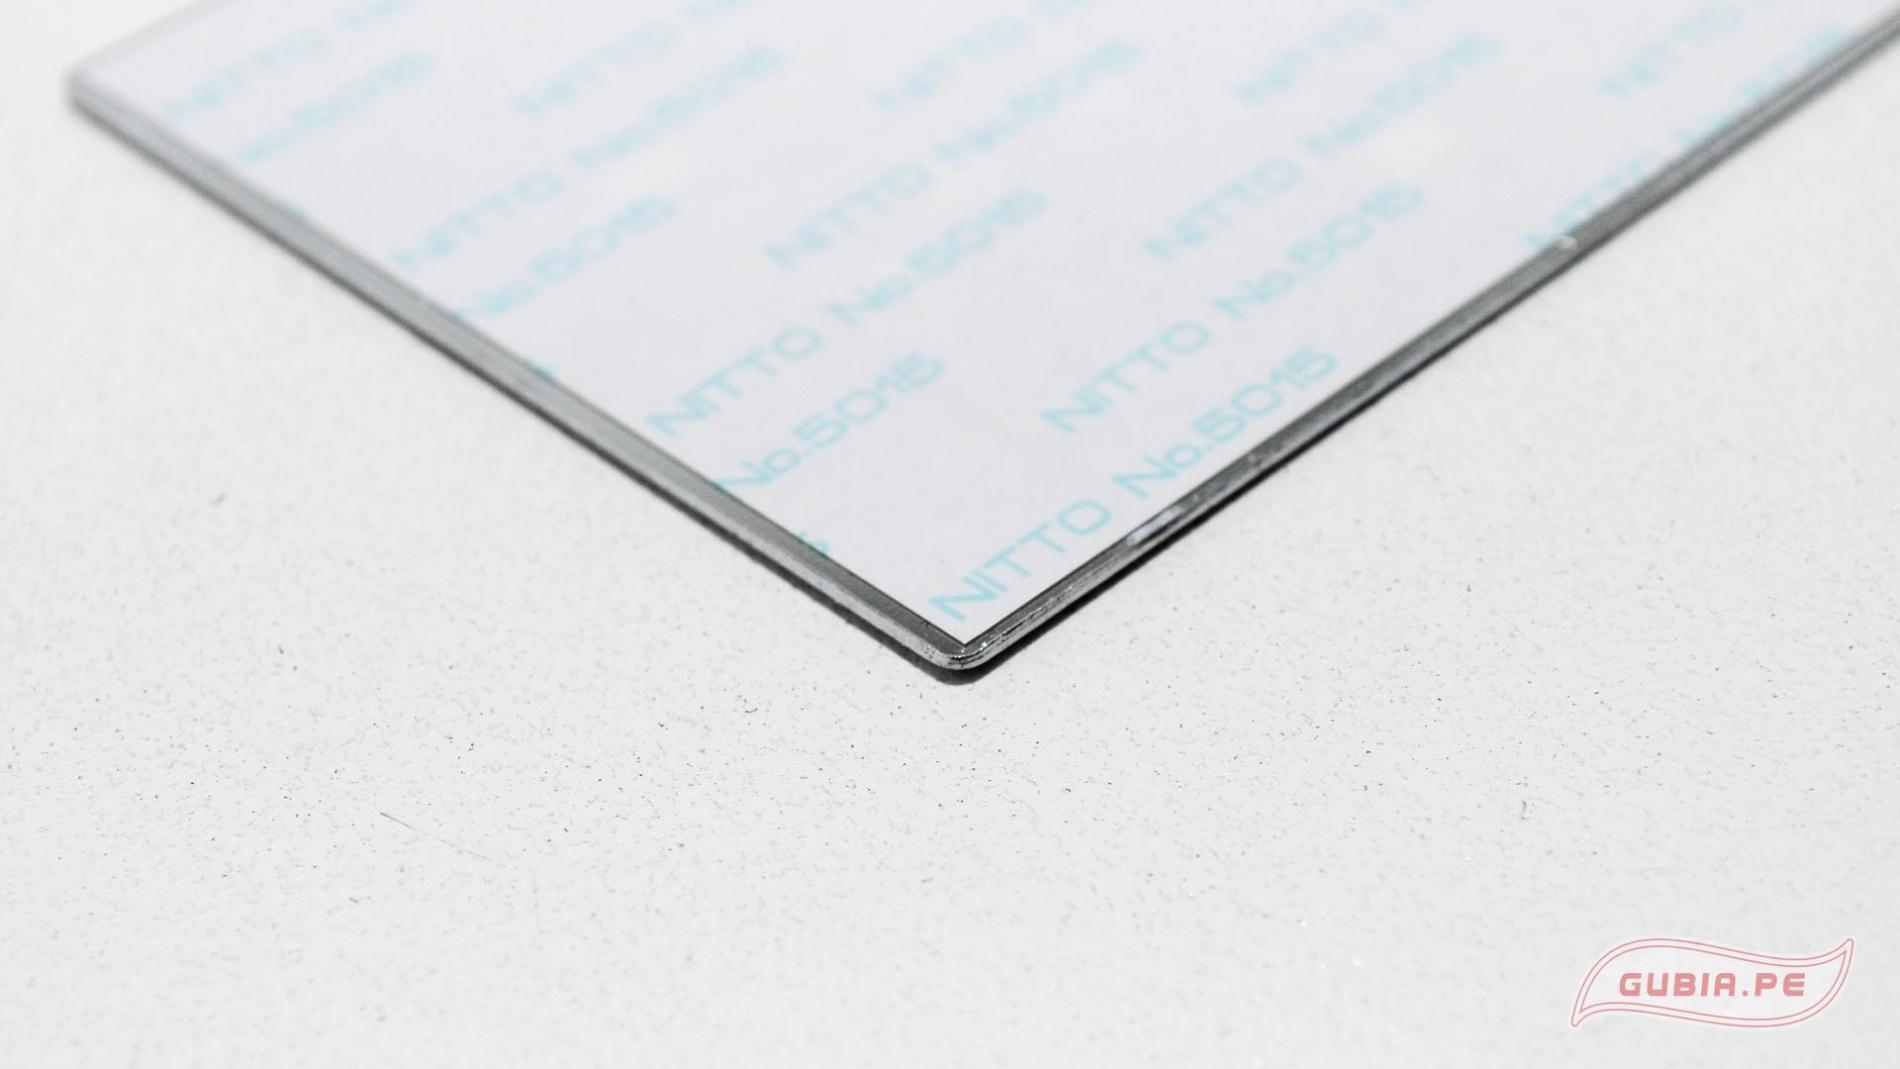 ATM75-1.4C-Repuesto placa diamantada inox 210x75x1mm grano 140 Atoma ATM75-1.4C-max-4.